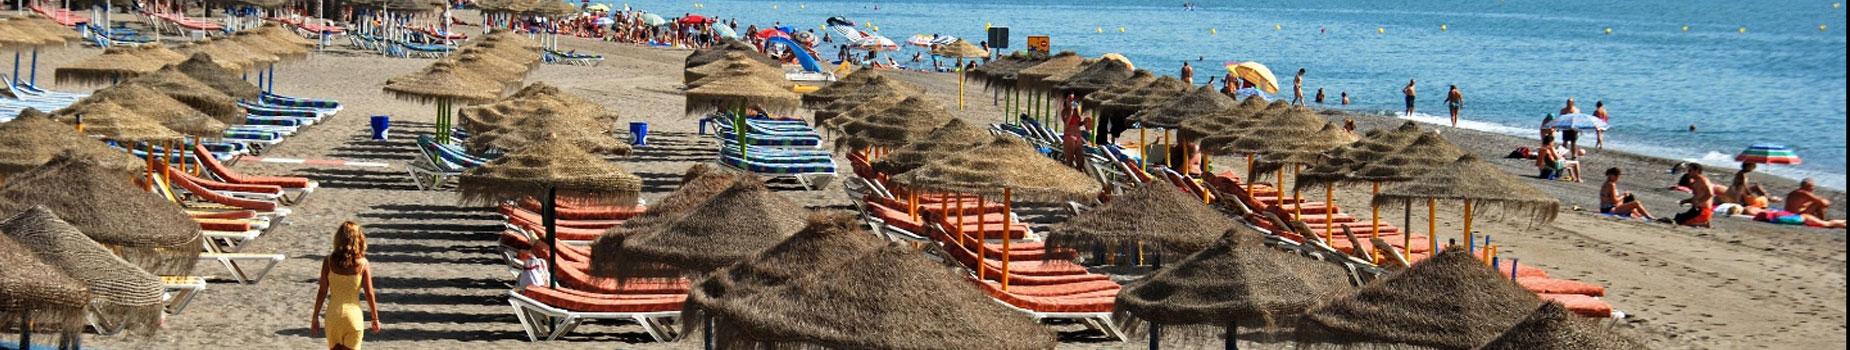 Kindvriendelijke hotels Costa del Sol